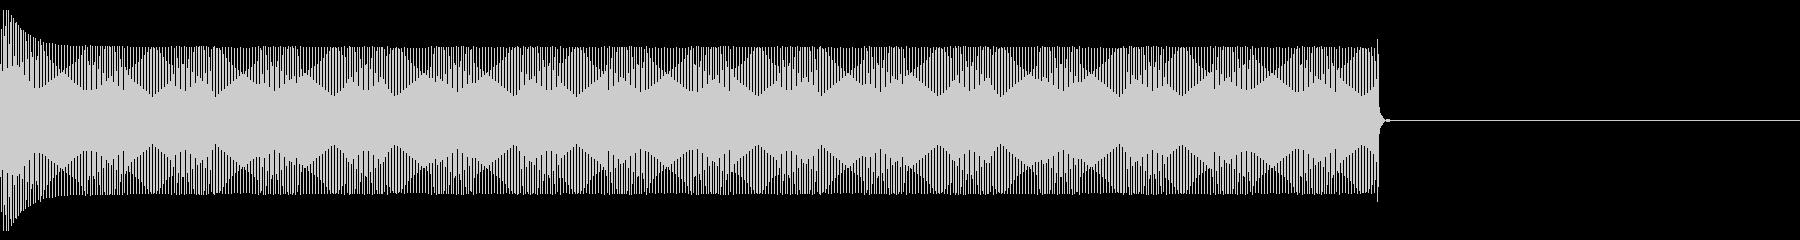 電話/着信/プルプル/Key-Aの未再生の波形